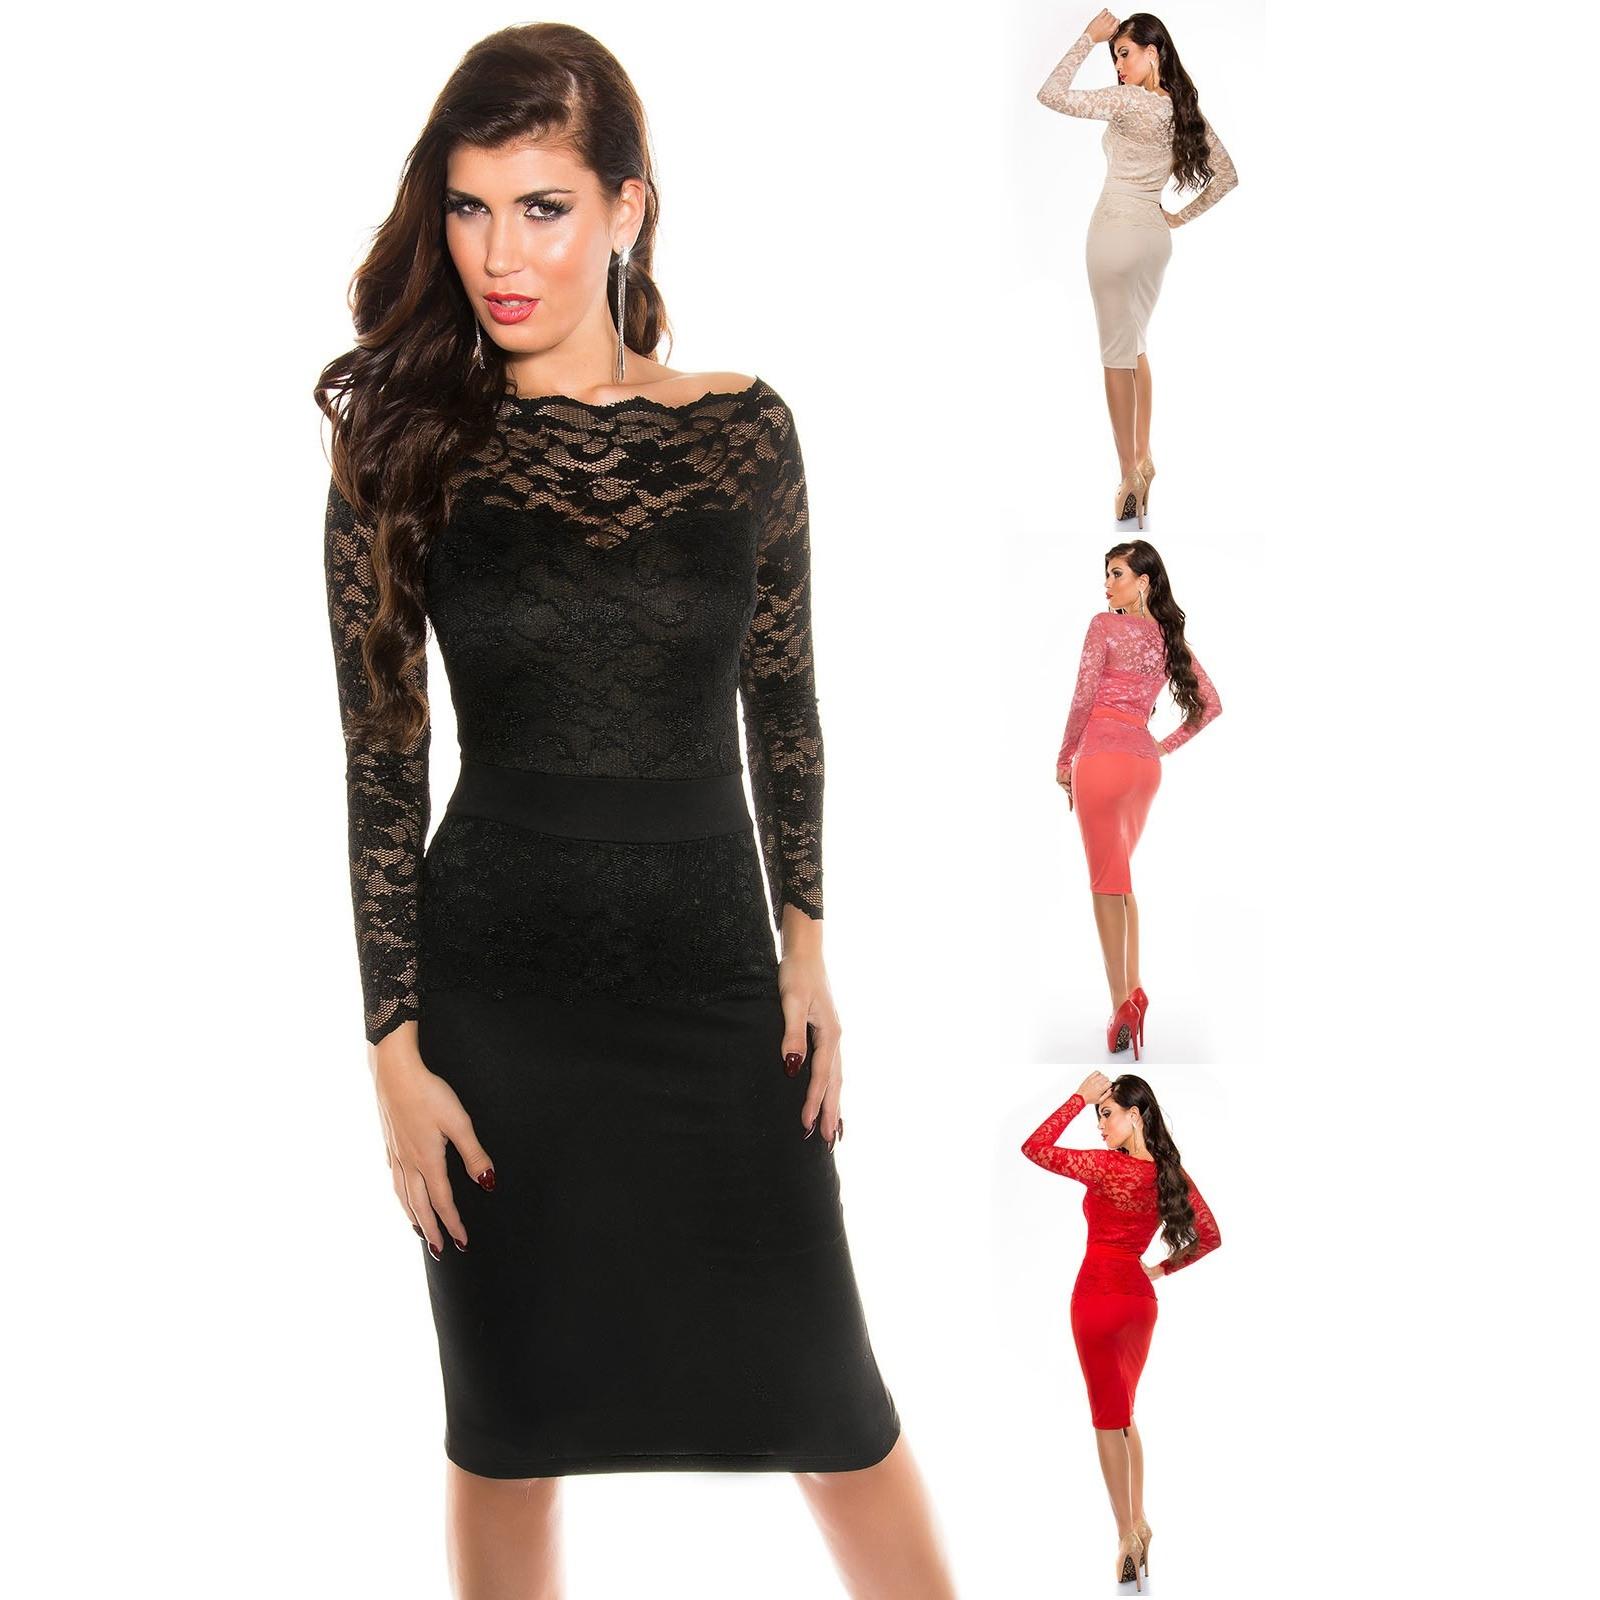 10 Leicht Schwarzes Kleid Midi DesignDesigner Perfekt Schwarzes Kleid Midi Boutique